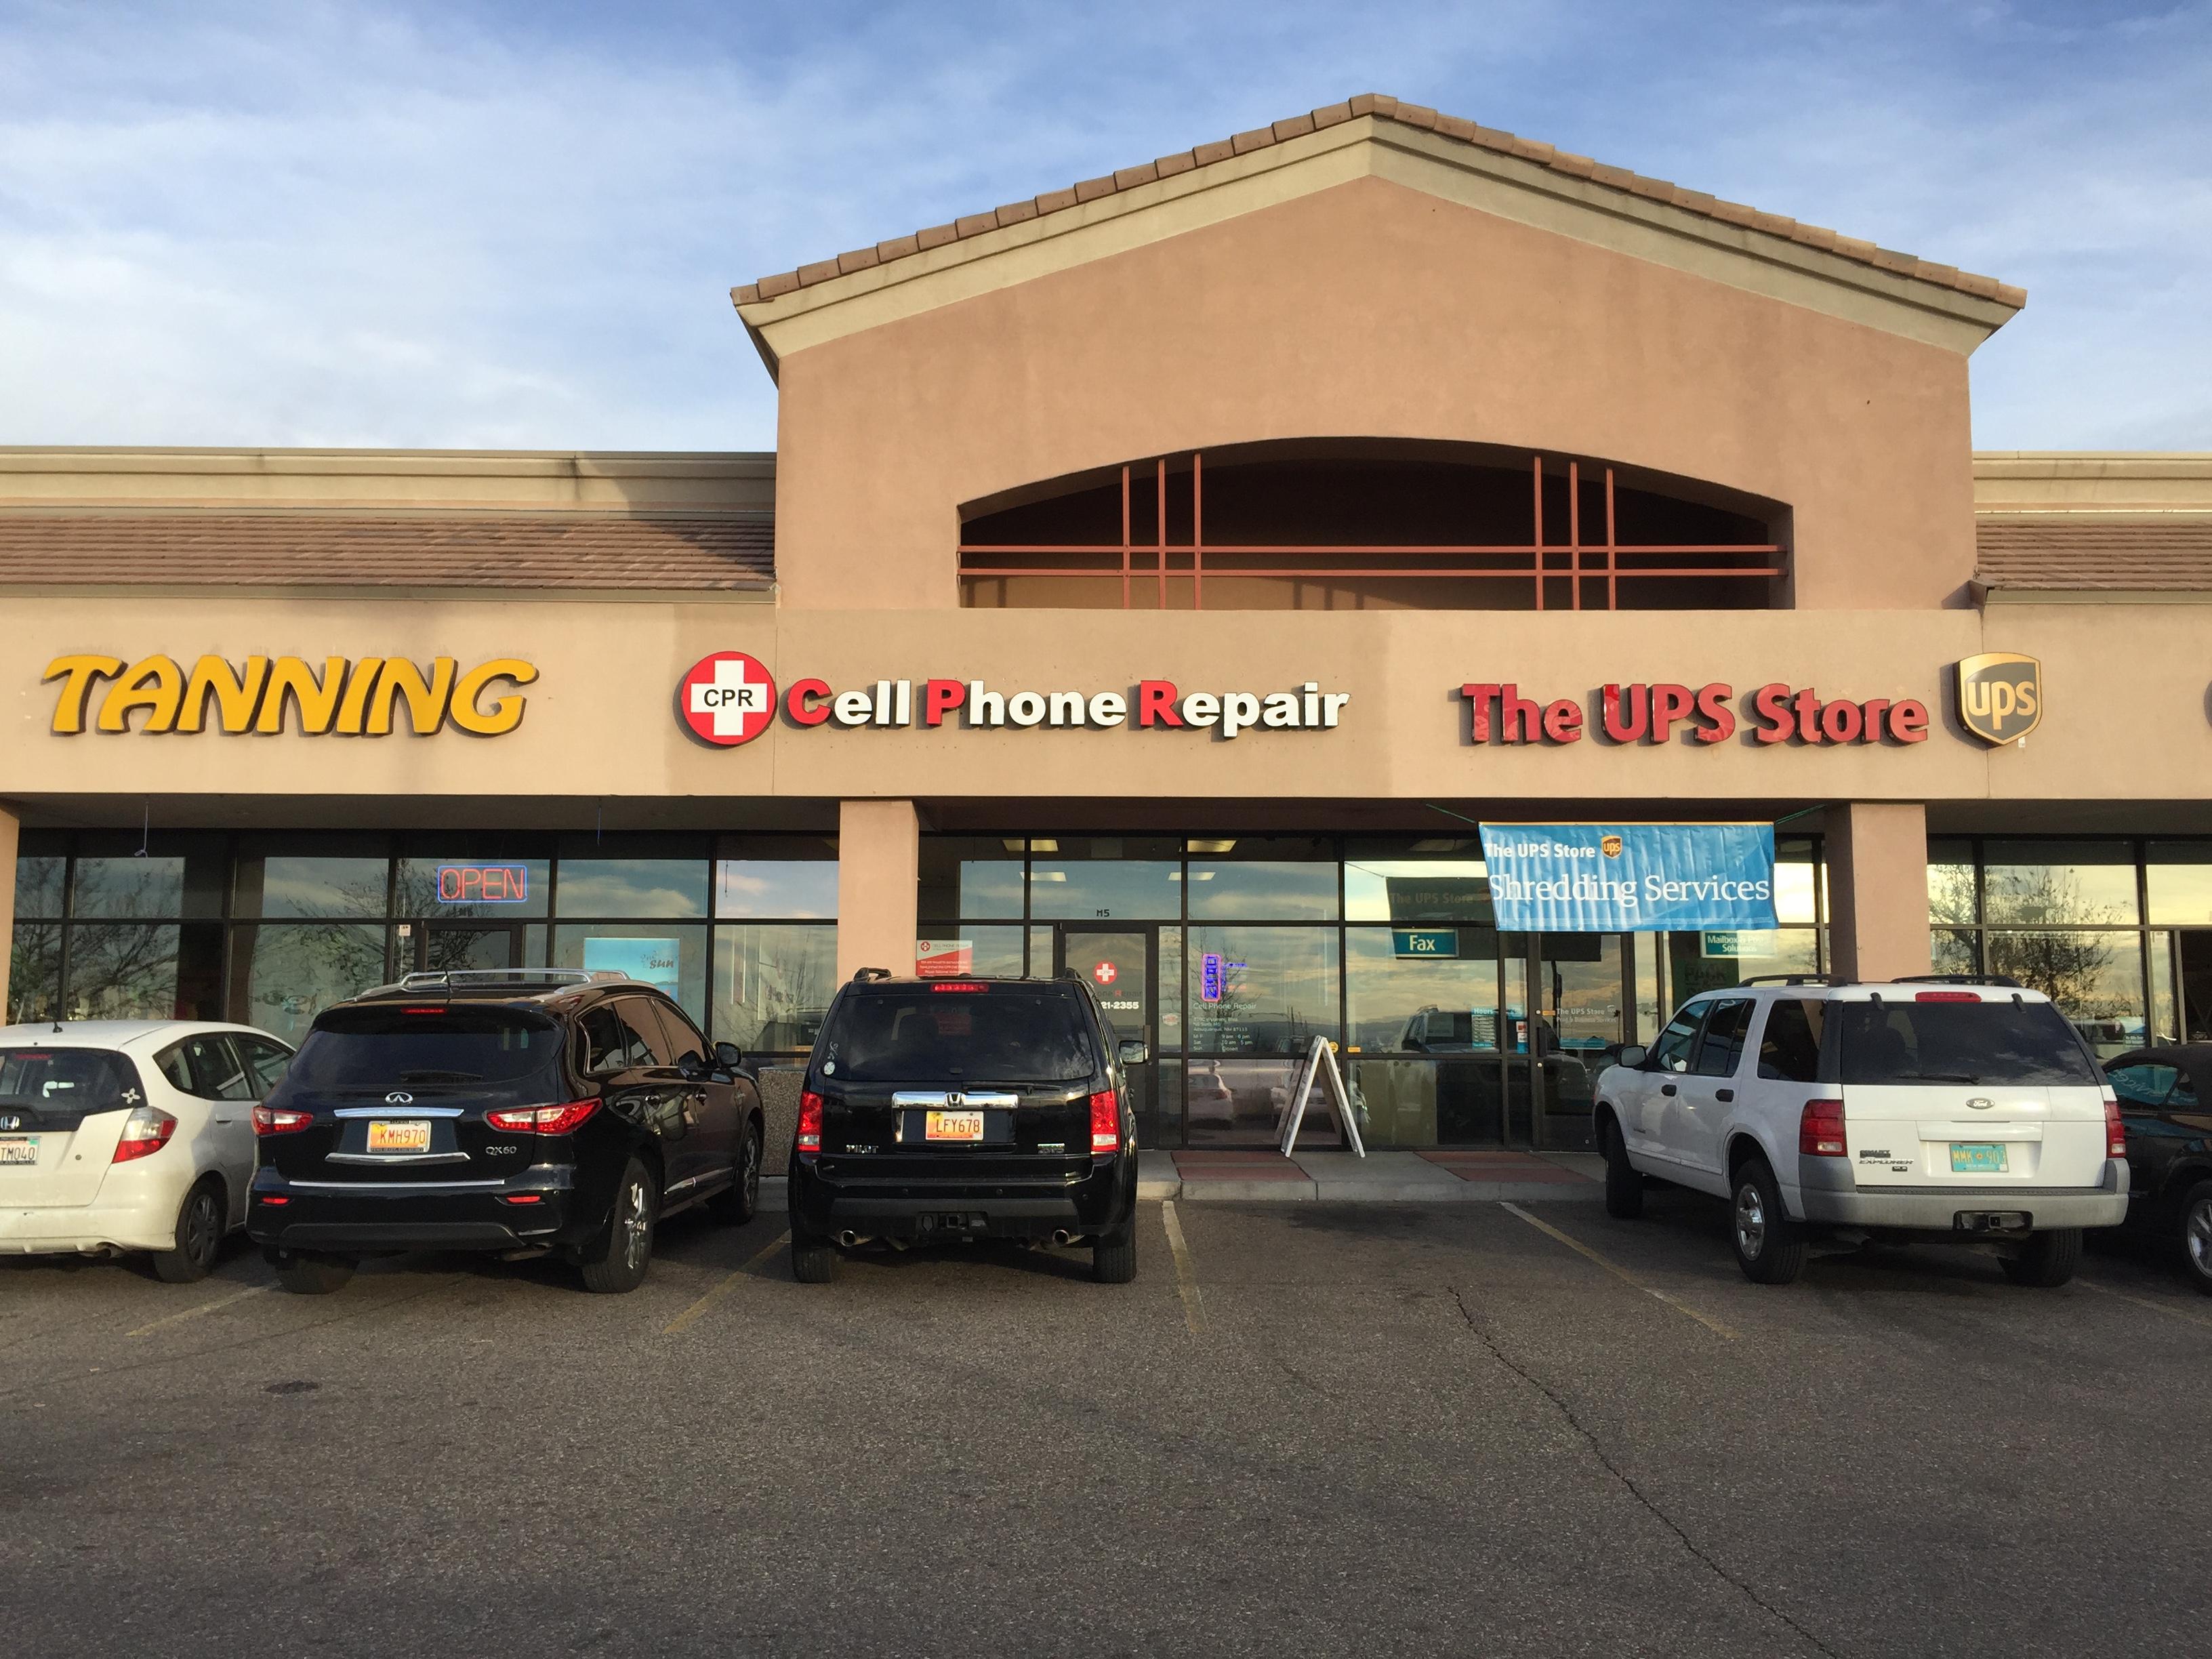 CPR Cell Phone Repair Albuquerque image 0